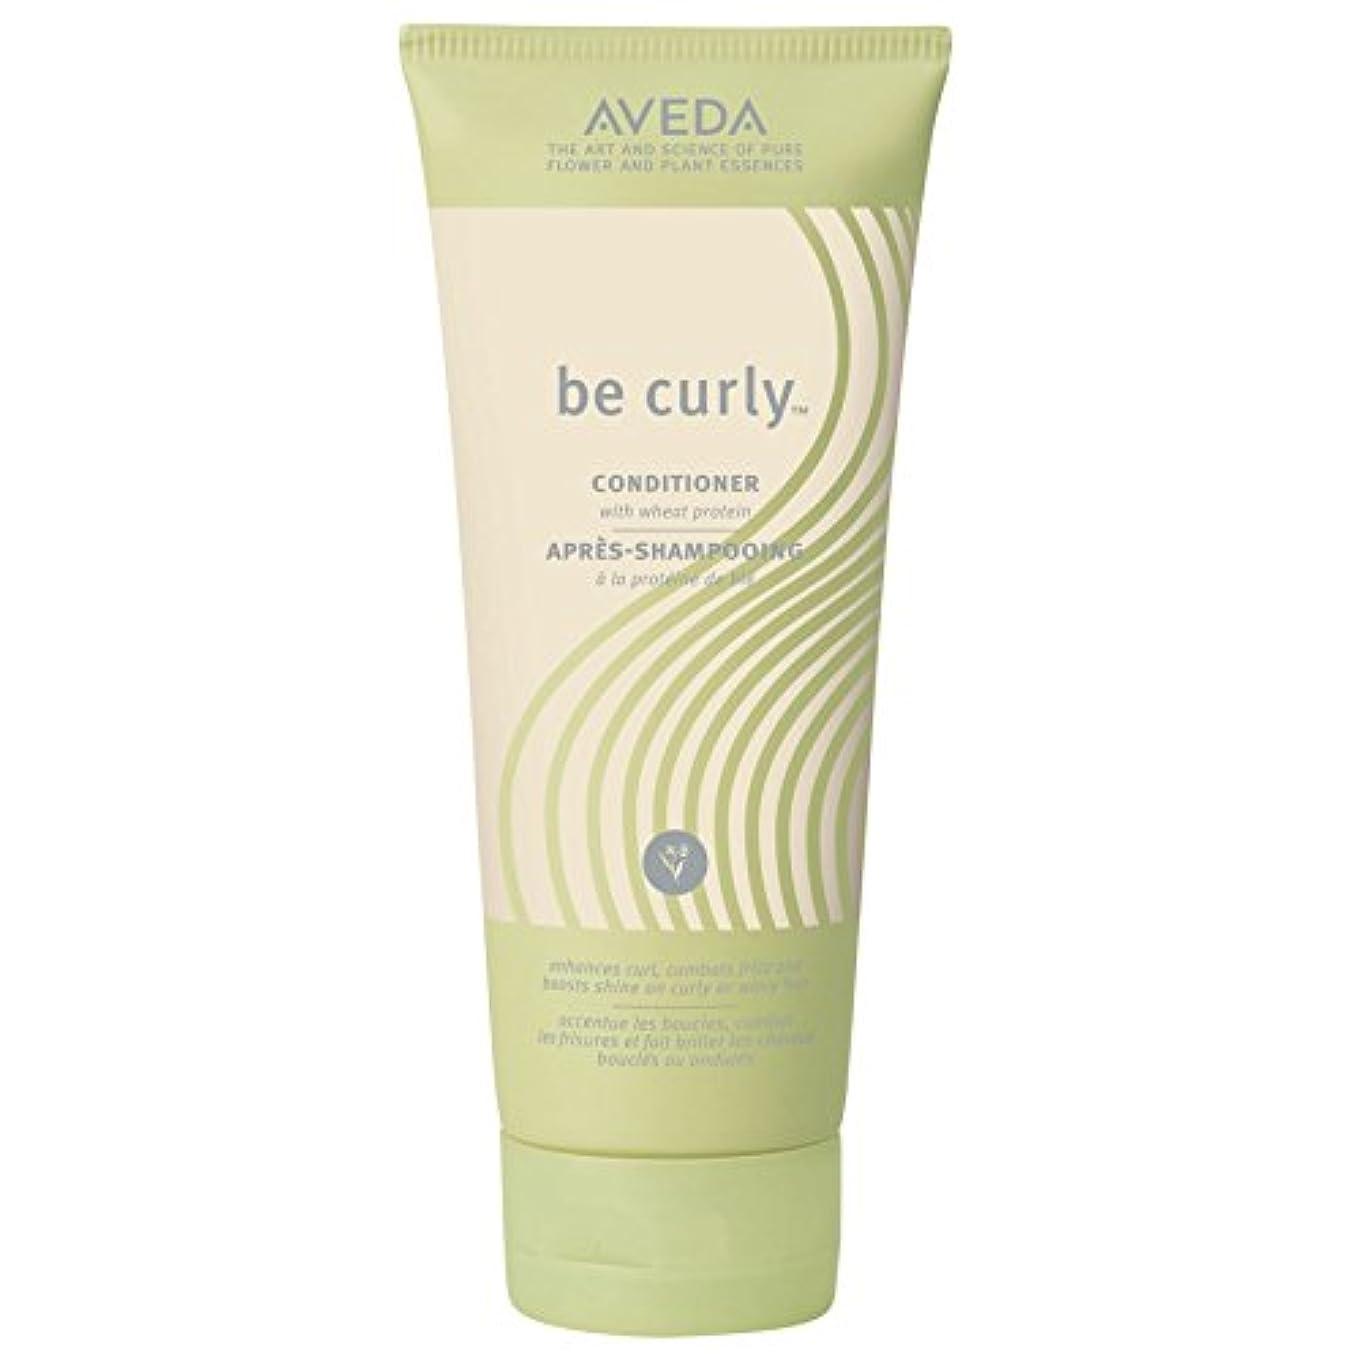 そっとインペリアル廃止[AVEDA] アヴェダカーリーコンディショナー200Mlこと - Aveda Be Curly Conditioner 200ml [並行輸入品]